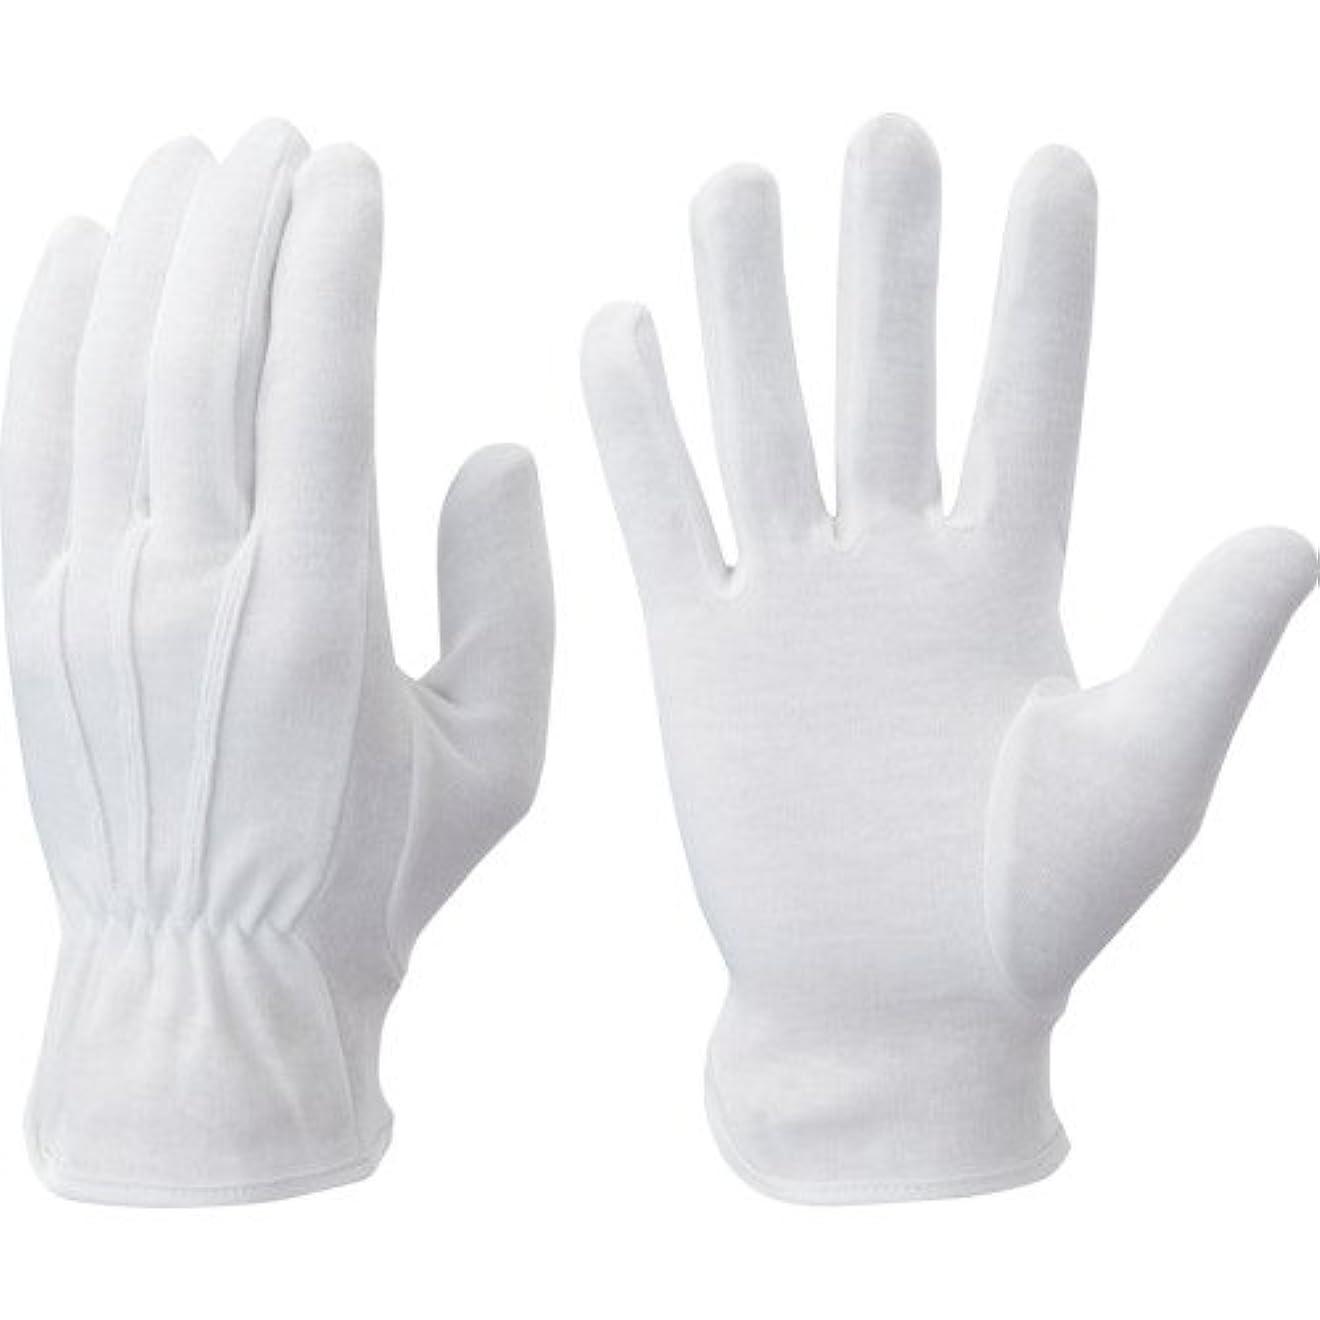 一般的に裂け目めまいがドライブ手袋 フリー ホワイト